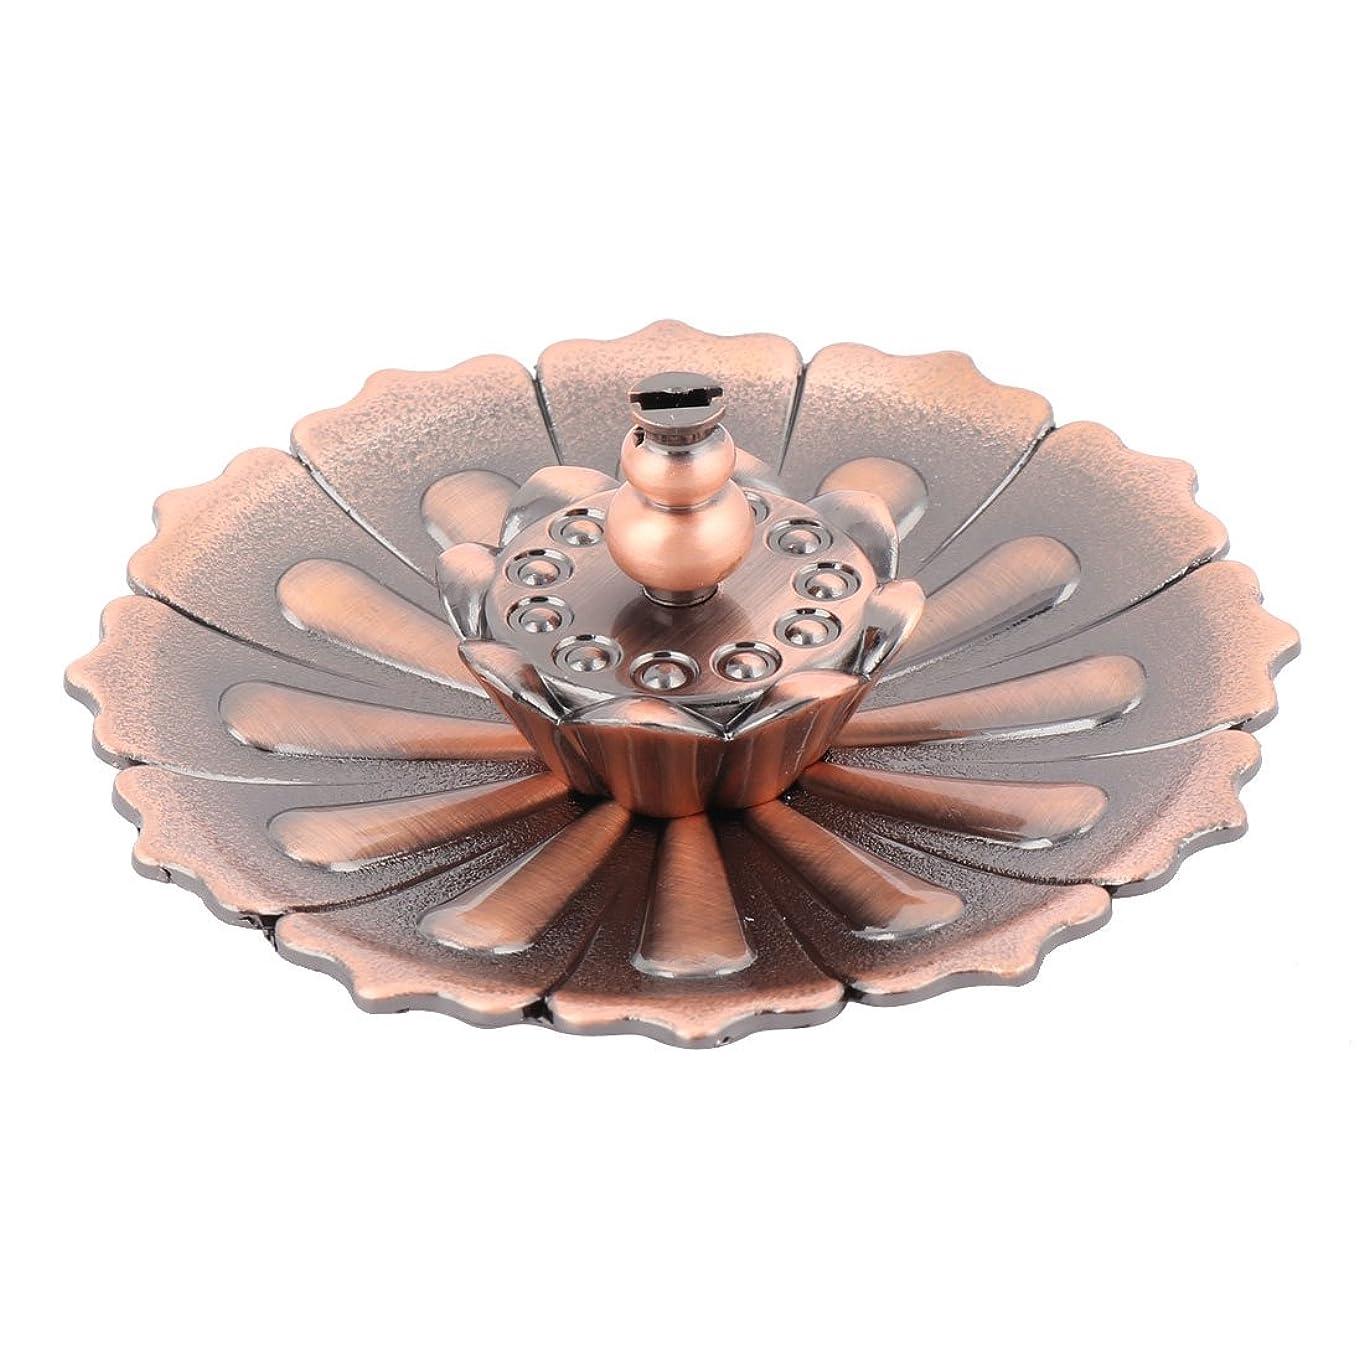 フクロウ明らかにする靴uxcell 香炉ホルダー お香立て インセンスホルダー 蓮 ロータス 花型 セット 金属製 家庭用 直径10cm